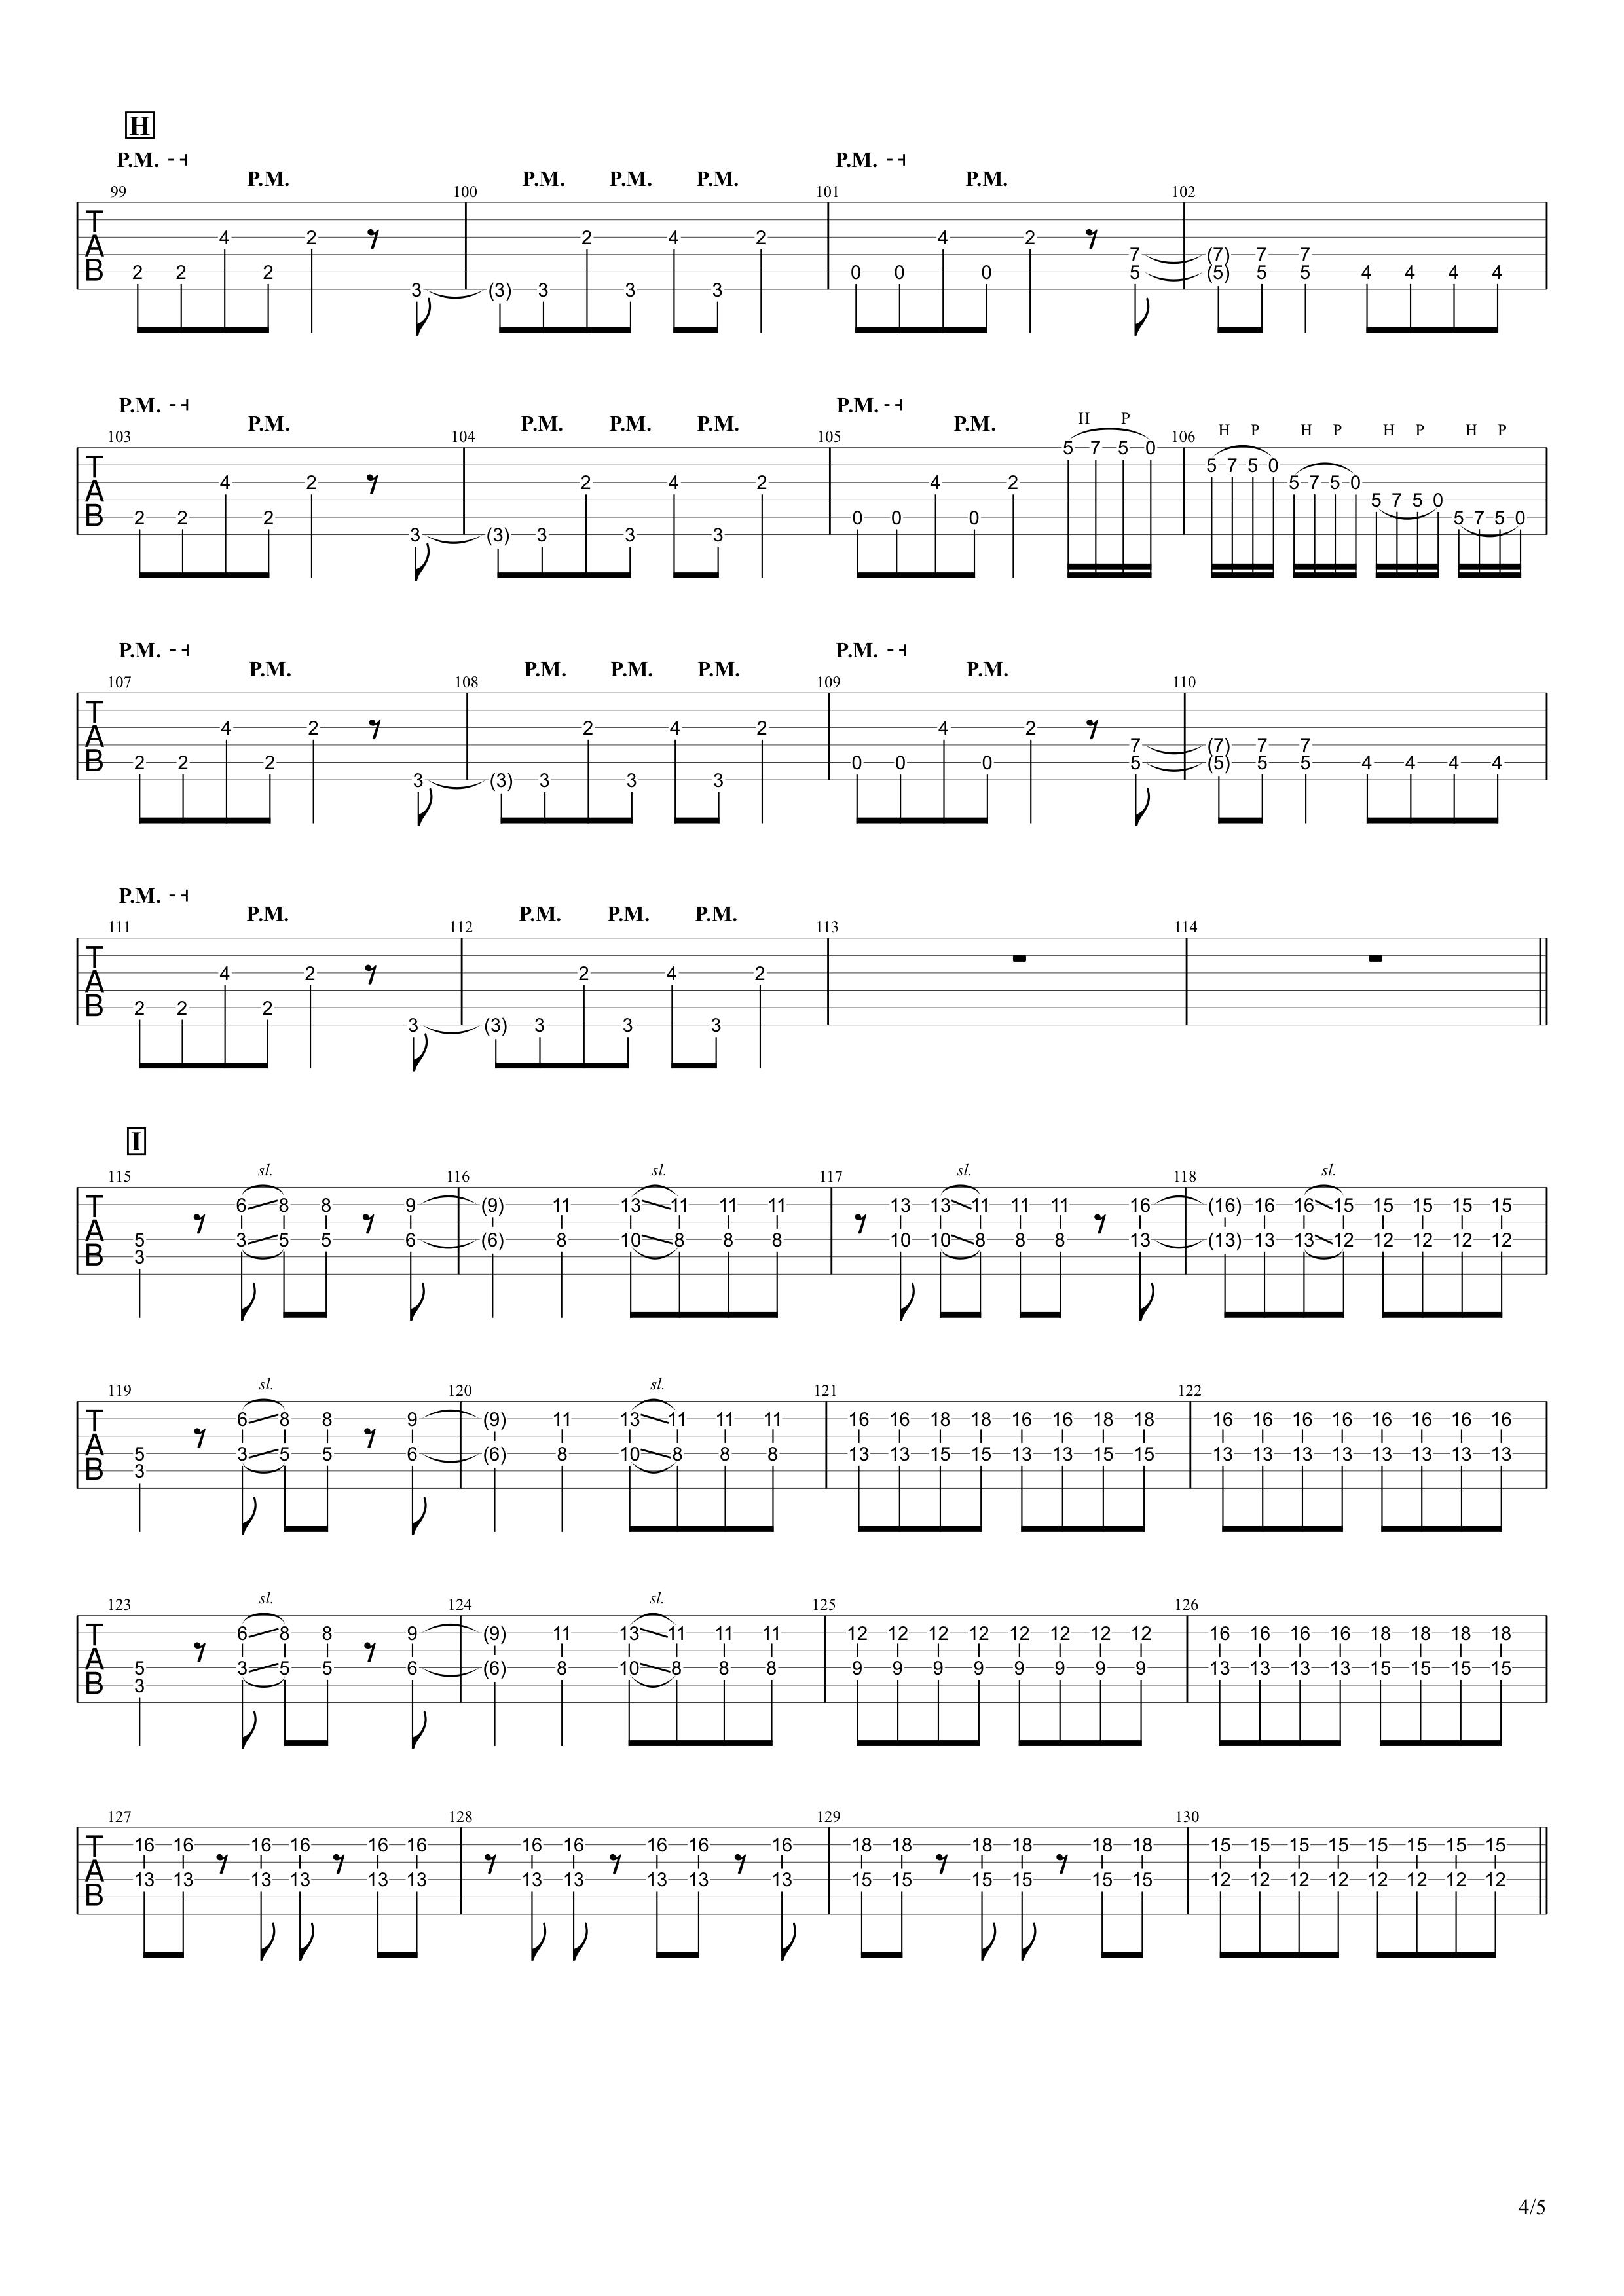 天ノ弱/164 feat.GUMI ギタータブ譜 リードギターほぼ完コピVer.04